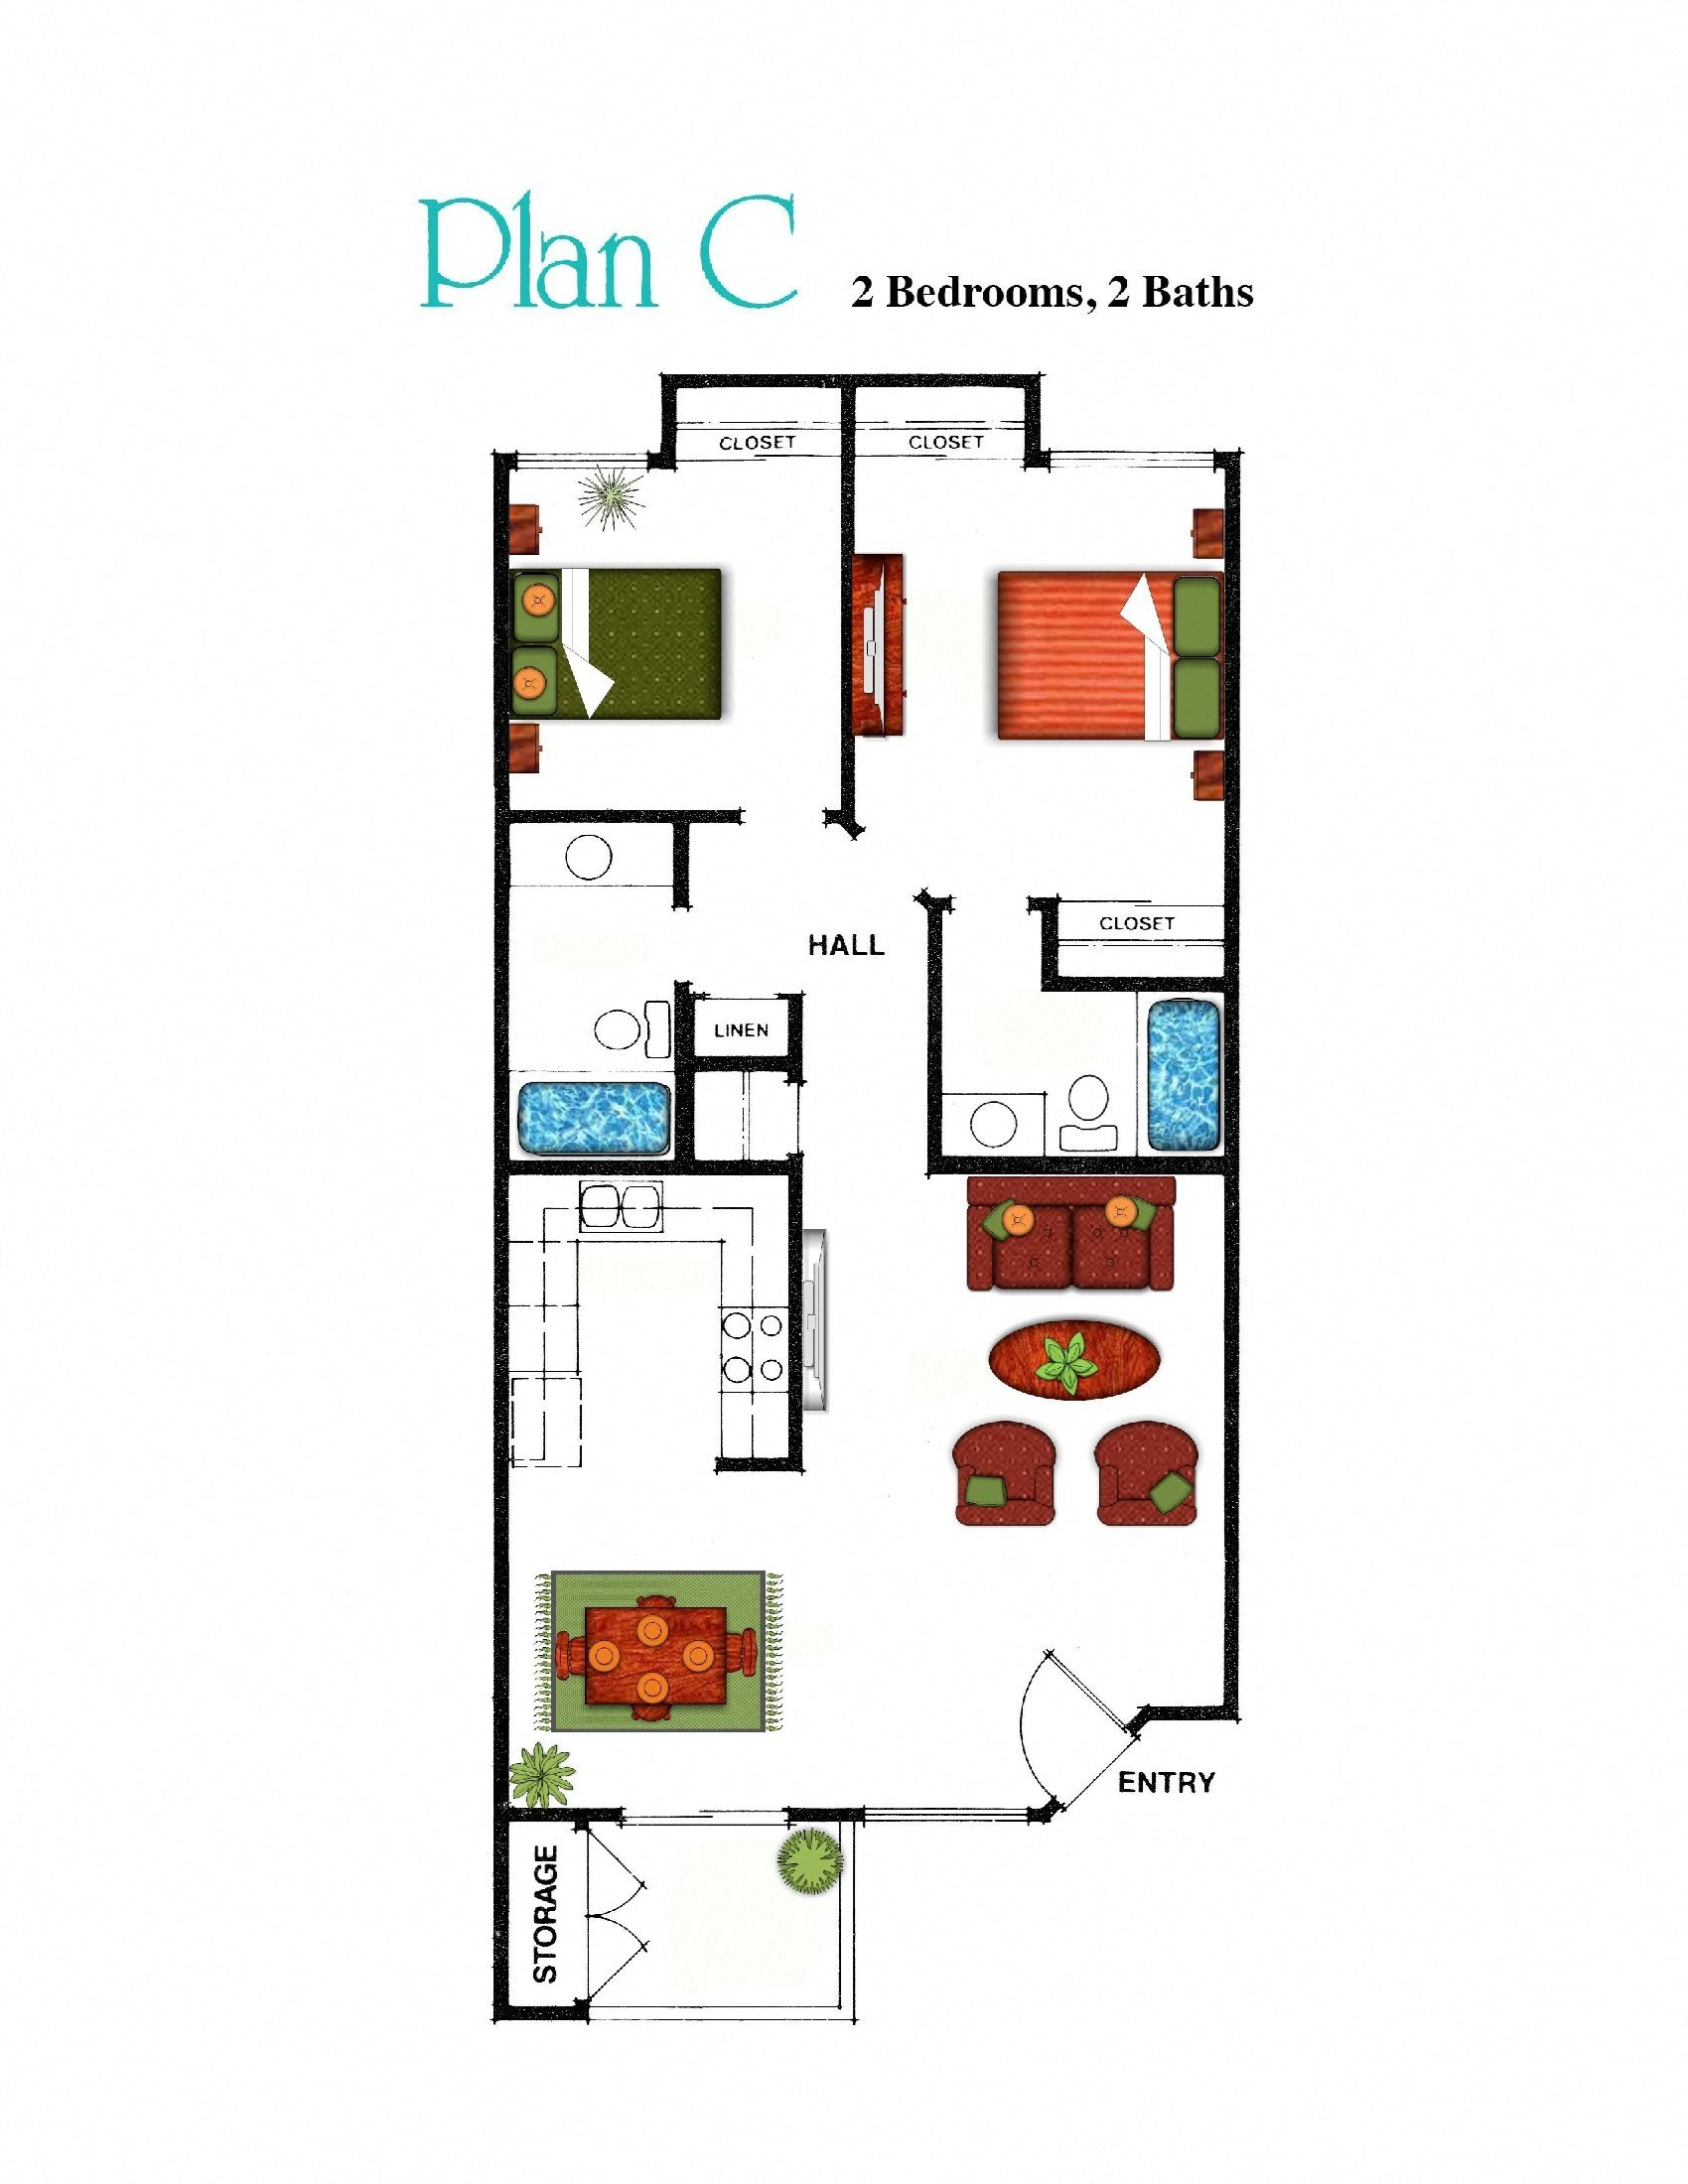 Plan C Floor Plan 2